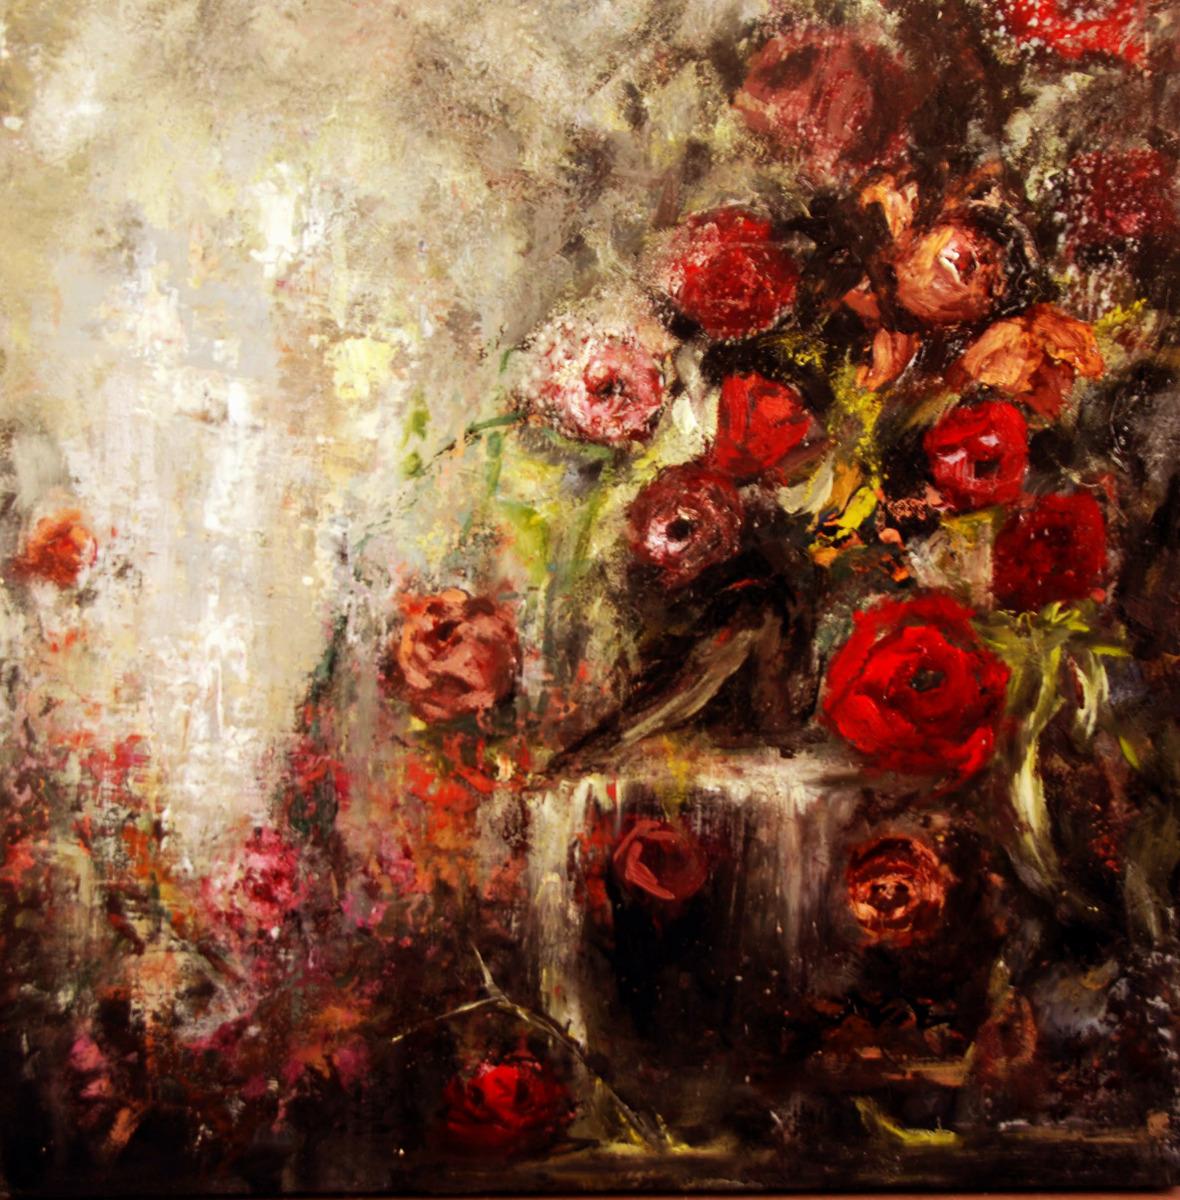 Extinguish Thou my Eyes- R.M. Rilke (large view)